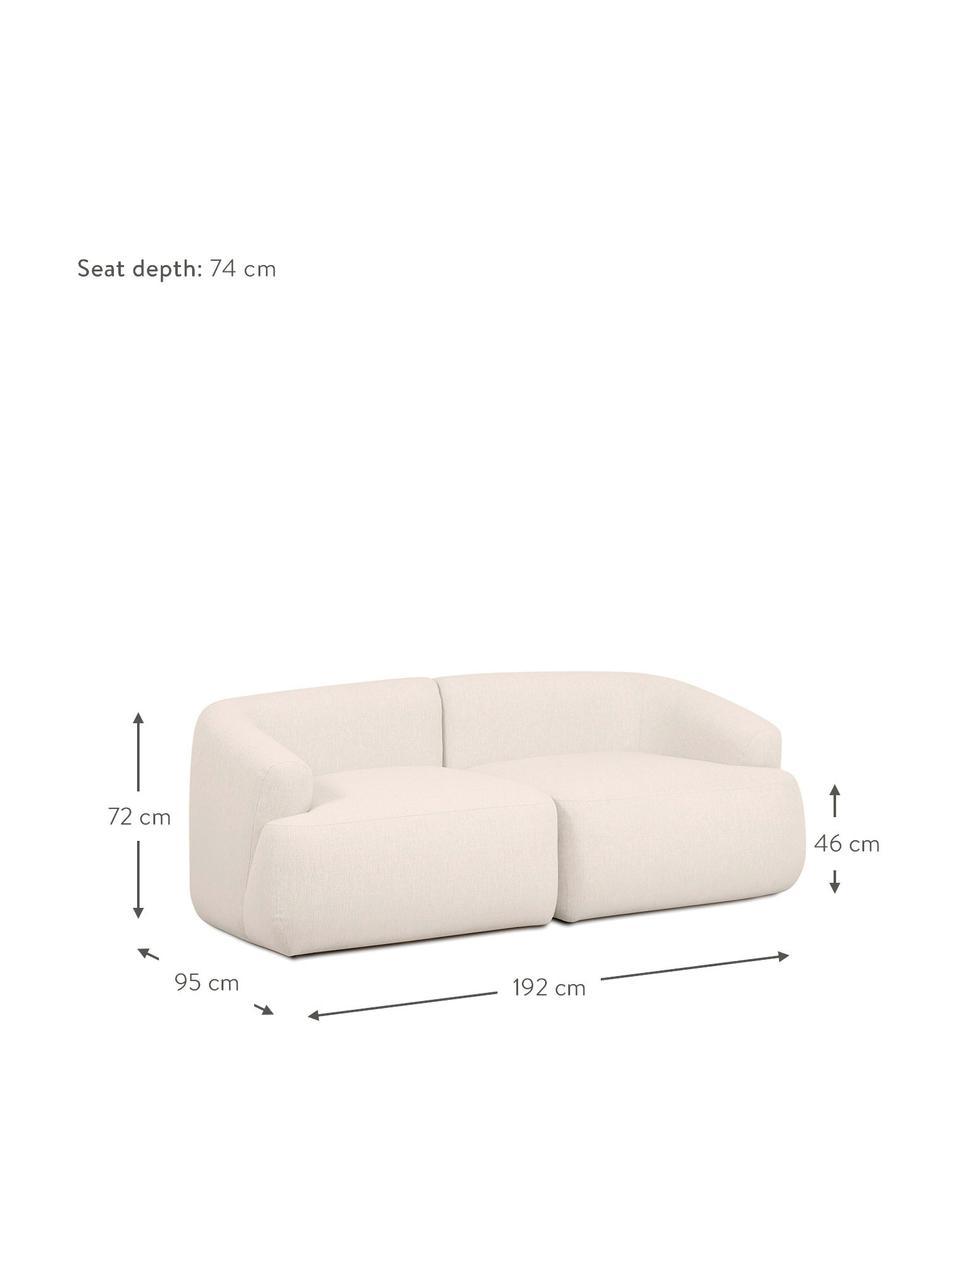 Divano componibile 2 posti beige Sofia, Rivestimento: 100% polipropilene Con 23, Piedini: materiale sintetico, Beige, Larg. 192 x Prof. 95 cm